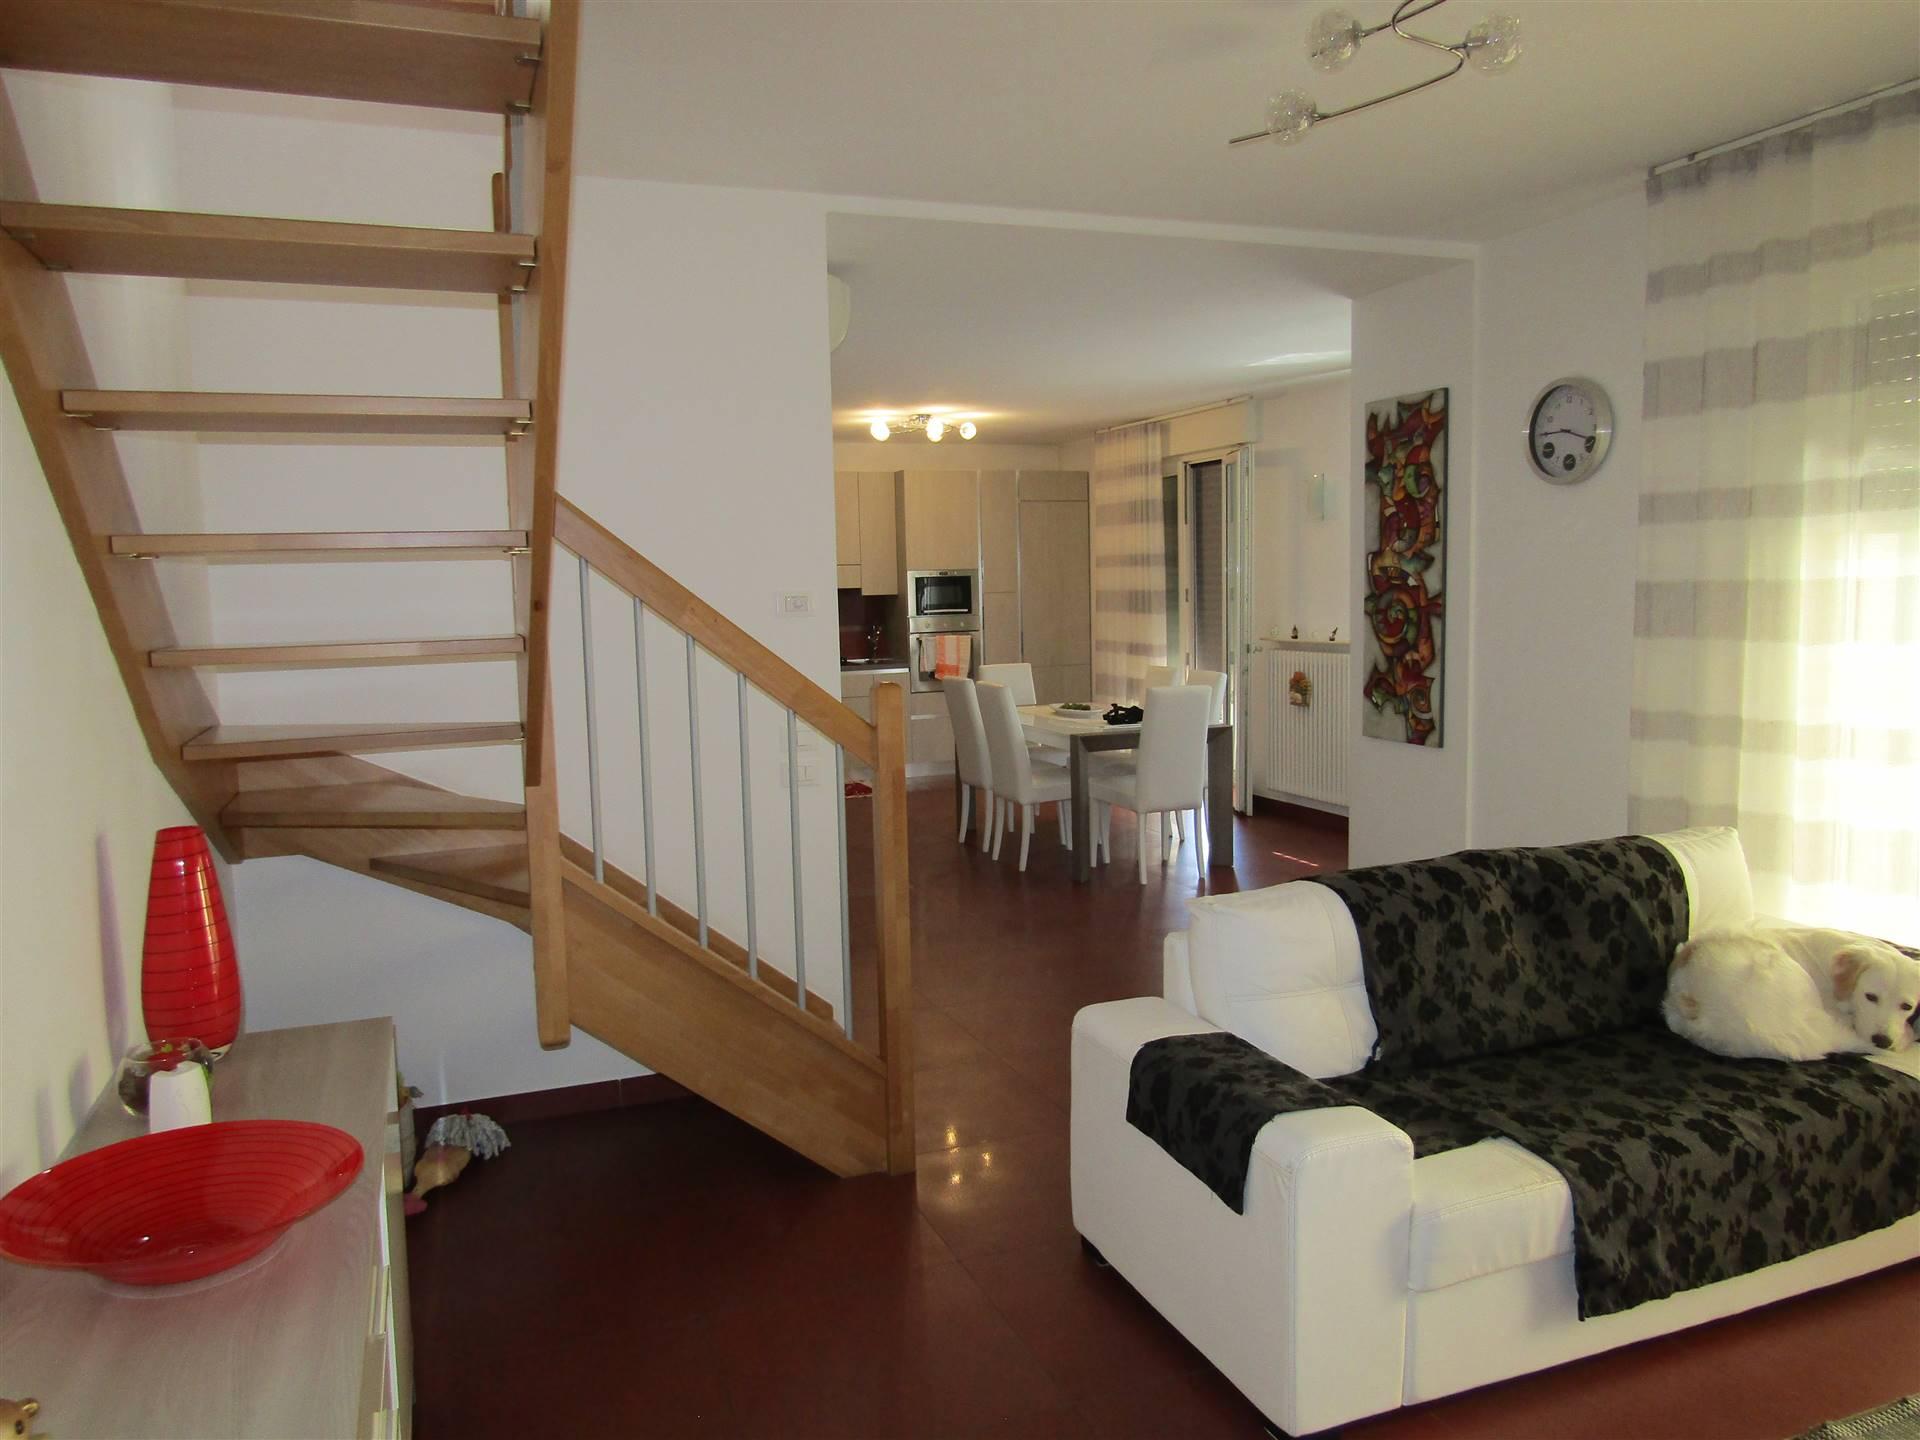 In quartiere residenziale poco fuori il centro di SPINEA, proponiamo appartamento in stile duplex dagli ampi spazi abitativi. L'immobile, situato al